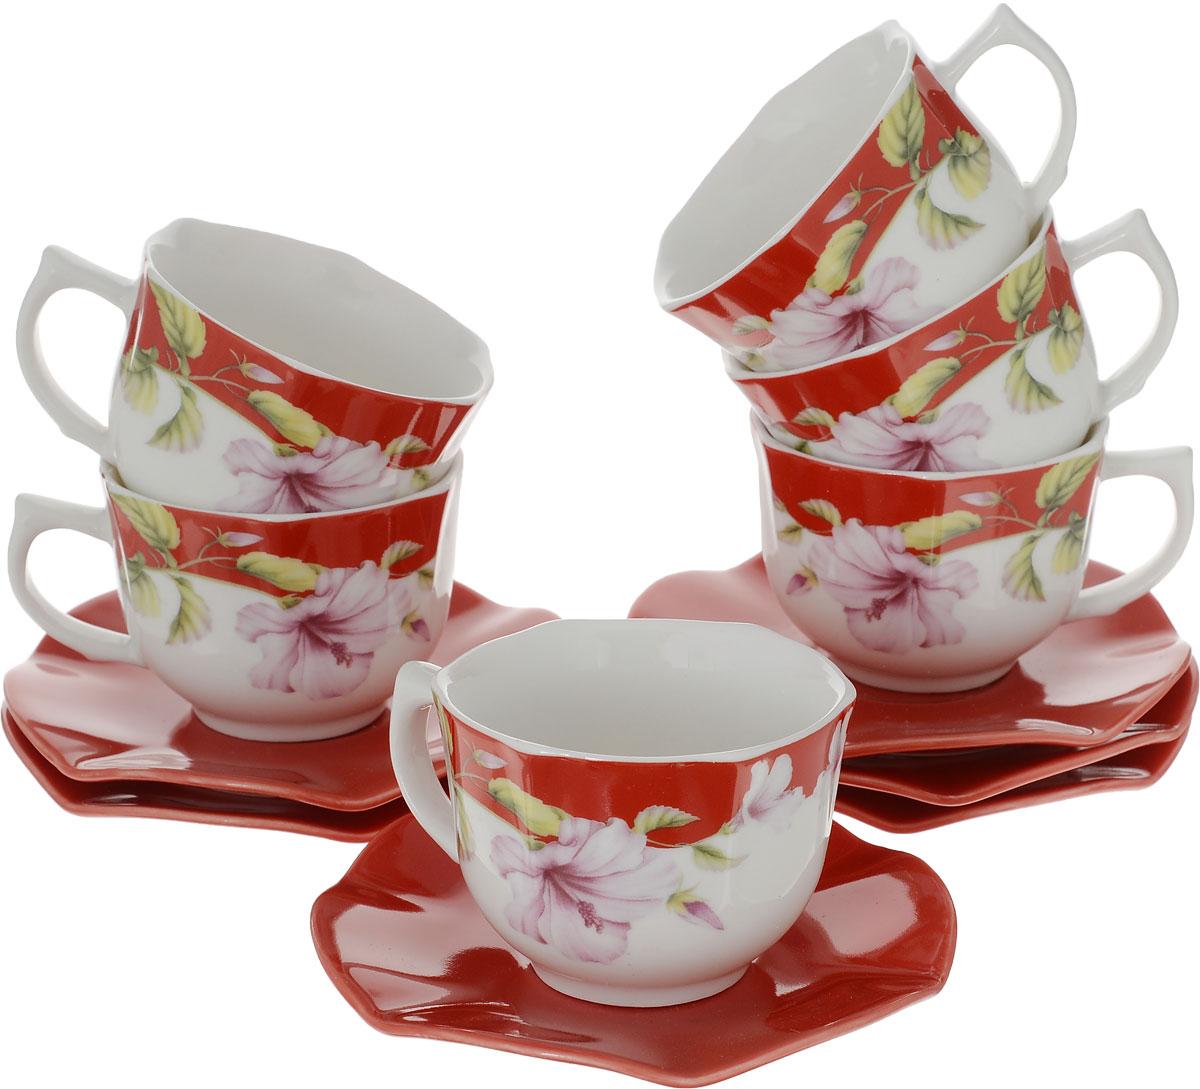 Набор кофейный Mayer & Boch, 12 предметов. 2472624726Кофейный набор LORAINE состоит из 6 чашек и 6 блюдец, выполненных из высококачественой керамики. Изящный дизайн придется по вкусу и ценителям классики, и тем, кто предпочитает утонченность и изысканность. Он настроит на позитивный лад и подарит хорошее настроение с самого утра. Набор упакован в стильную подарочную коробку. Внутренняя часть коробки задрапирована белой атласной тканью. Каждый предмет надежно зафиксирован внутри коробки благодаря специальным выемкам. Чайный набор - идеальный и необходимый подарок для вашего дома и для ваших друзей в праздники, юбилеи и торжества! Он также станет отличным корпоративным подарком и украшением любой кухни.